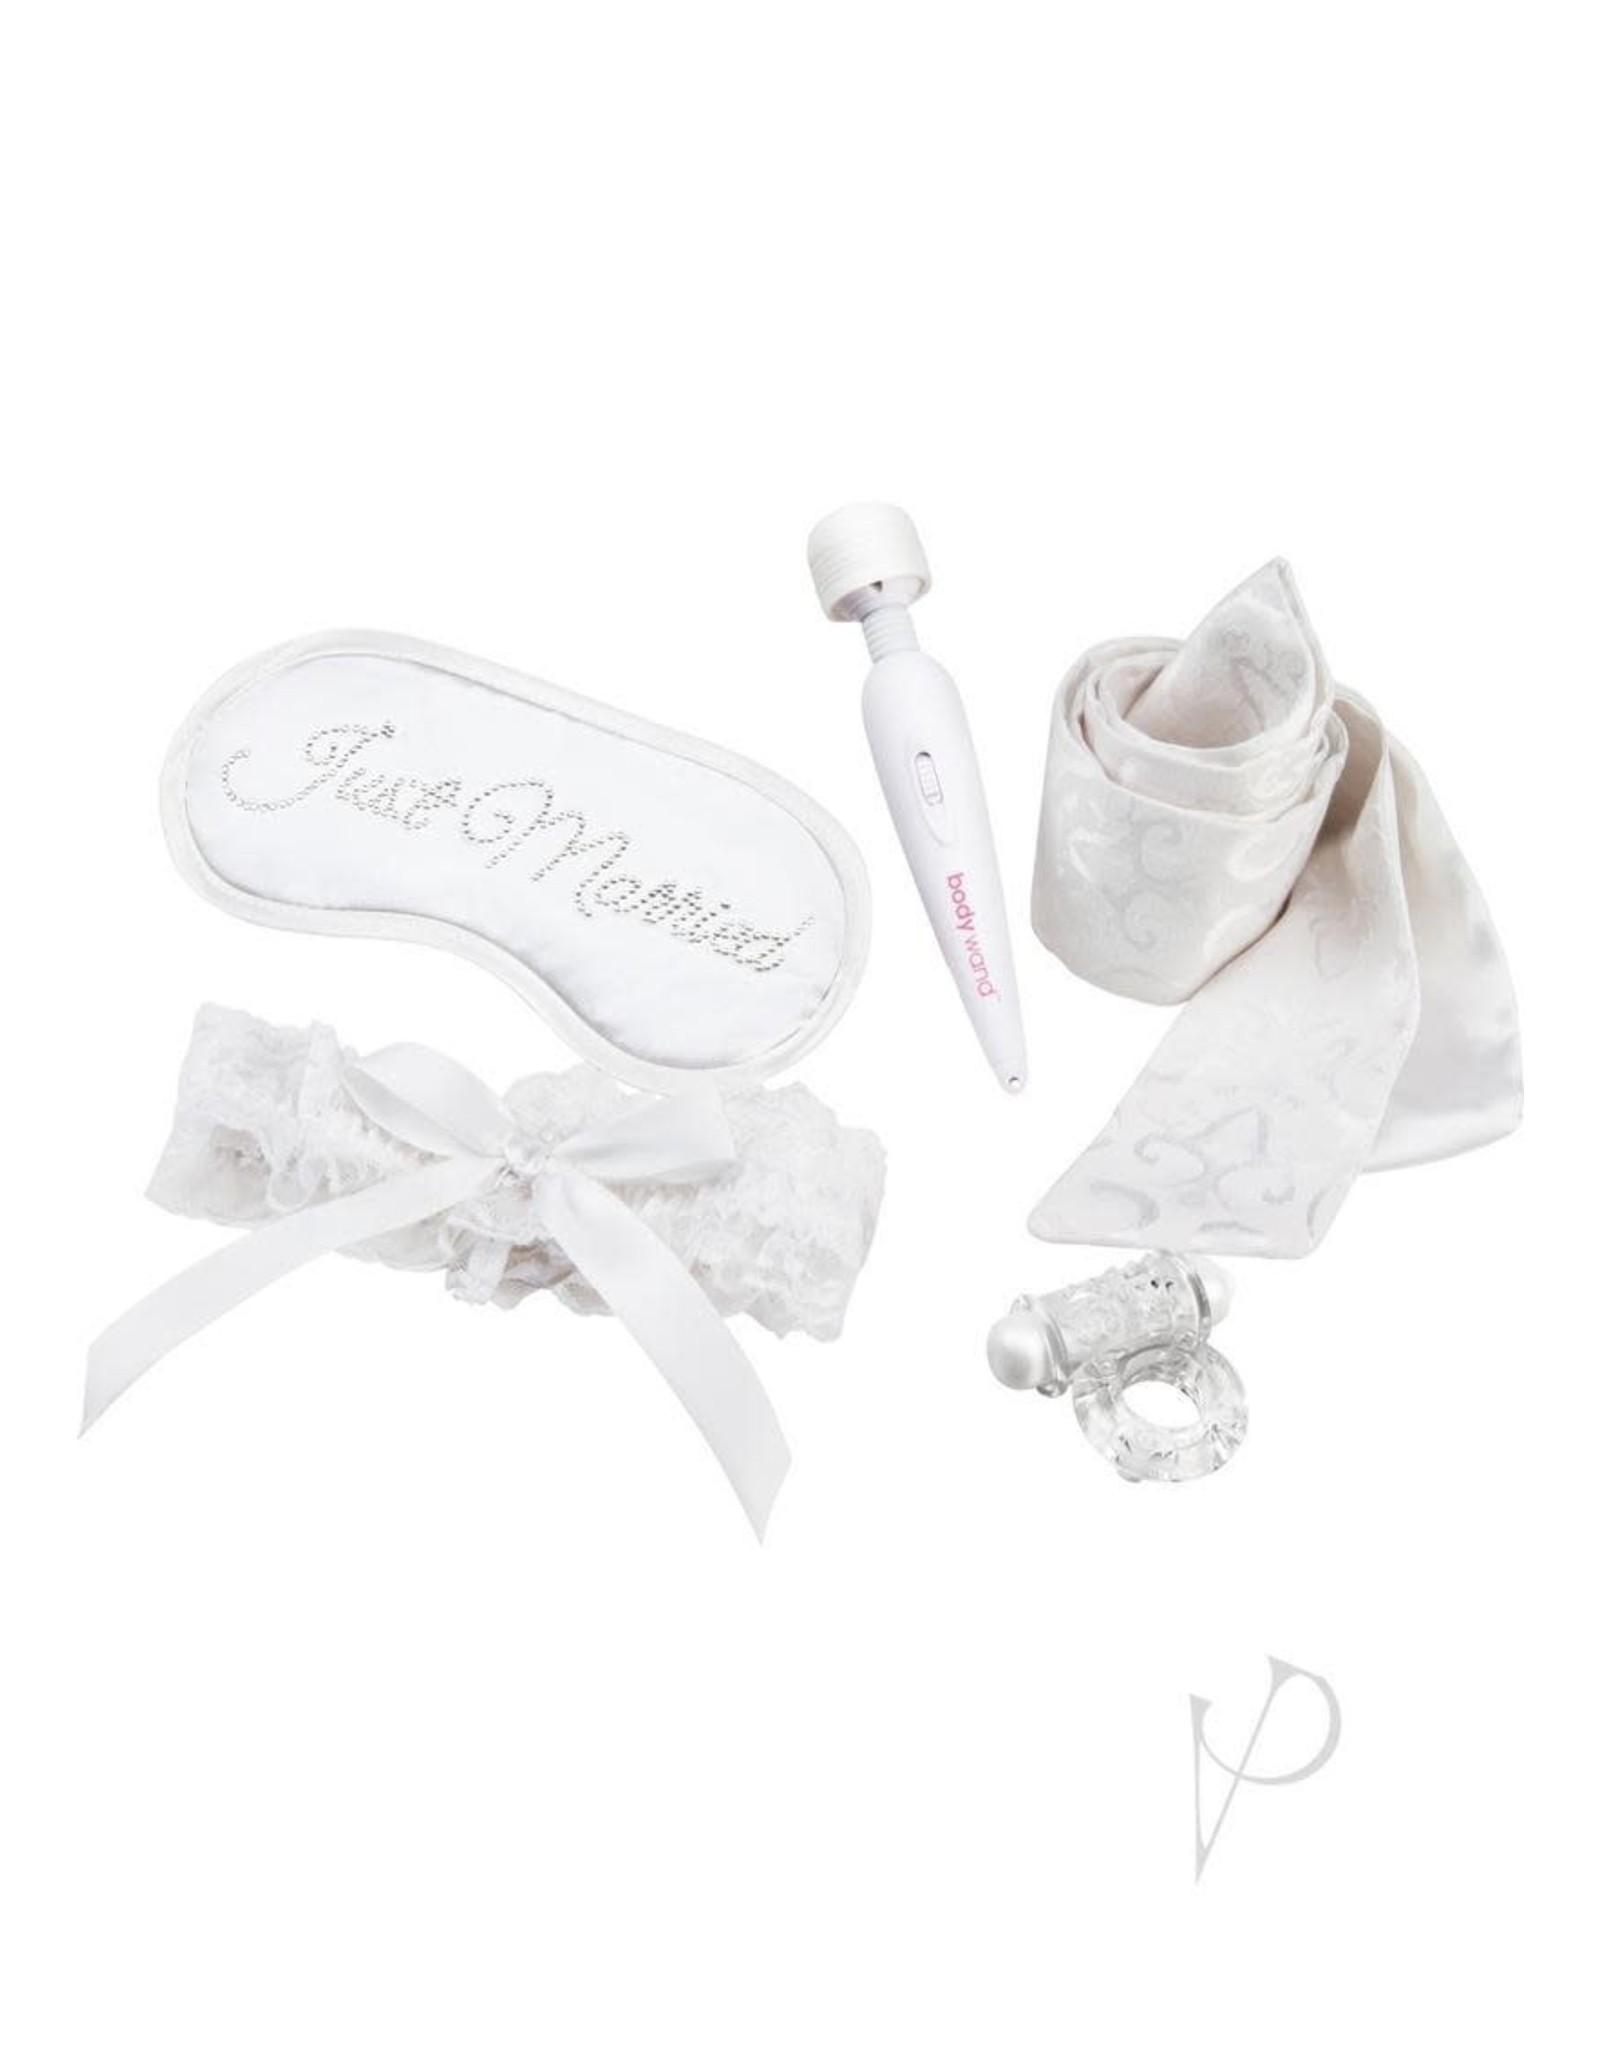 Body Wand 5 PC Honeymoon Gift Set